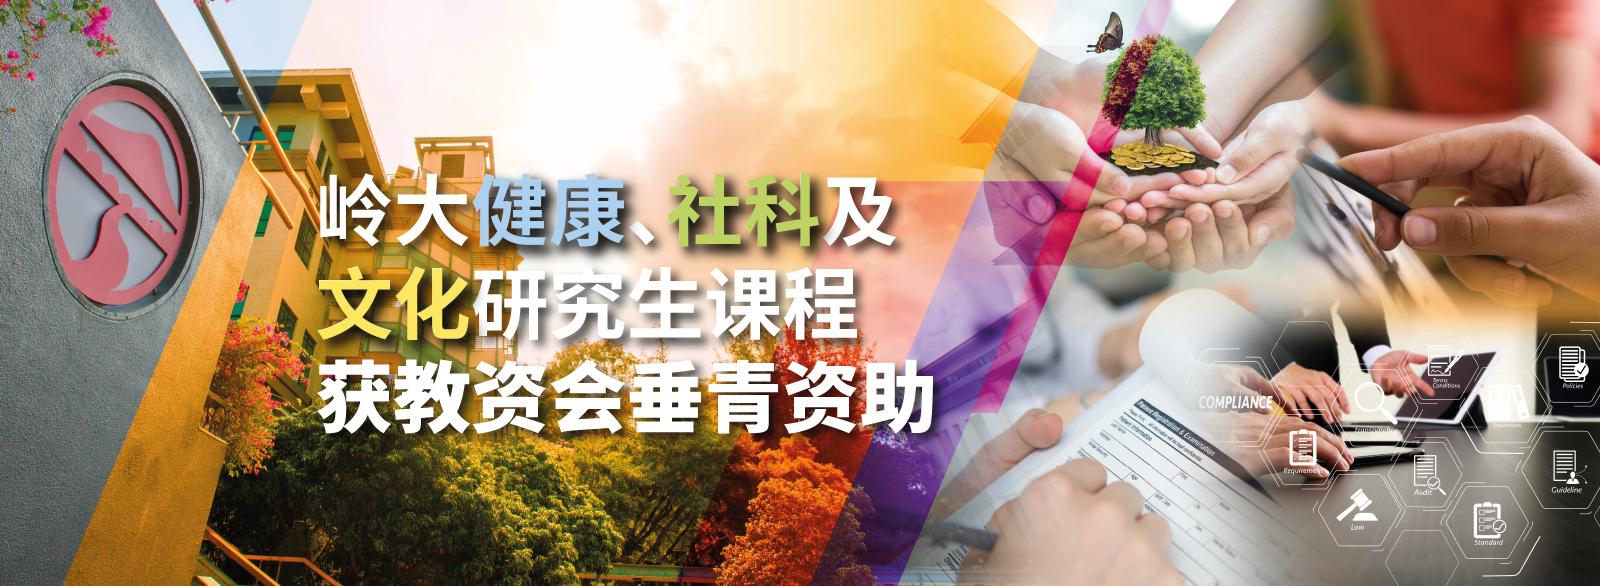 岭大健康、社科及文化研究生课程获教资会垂青资助